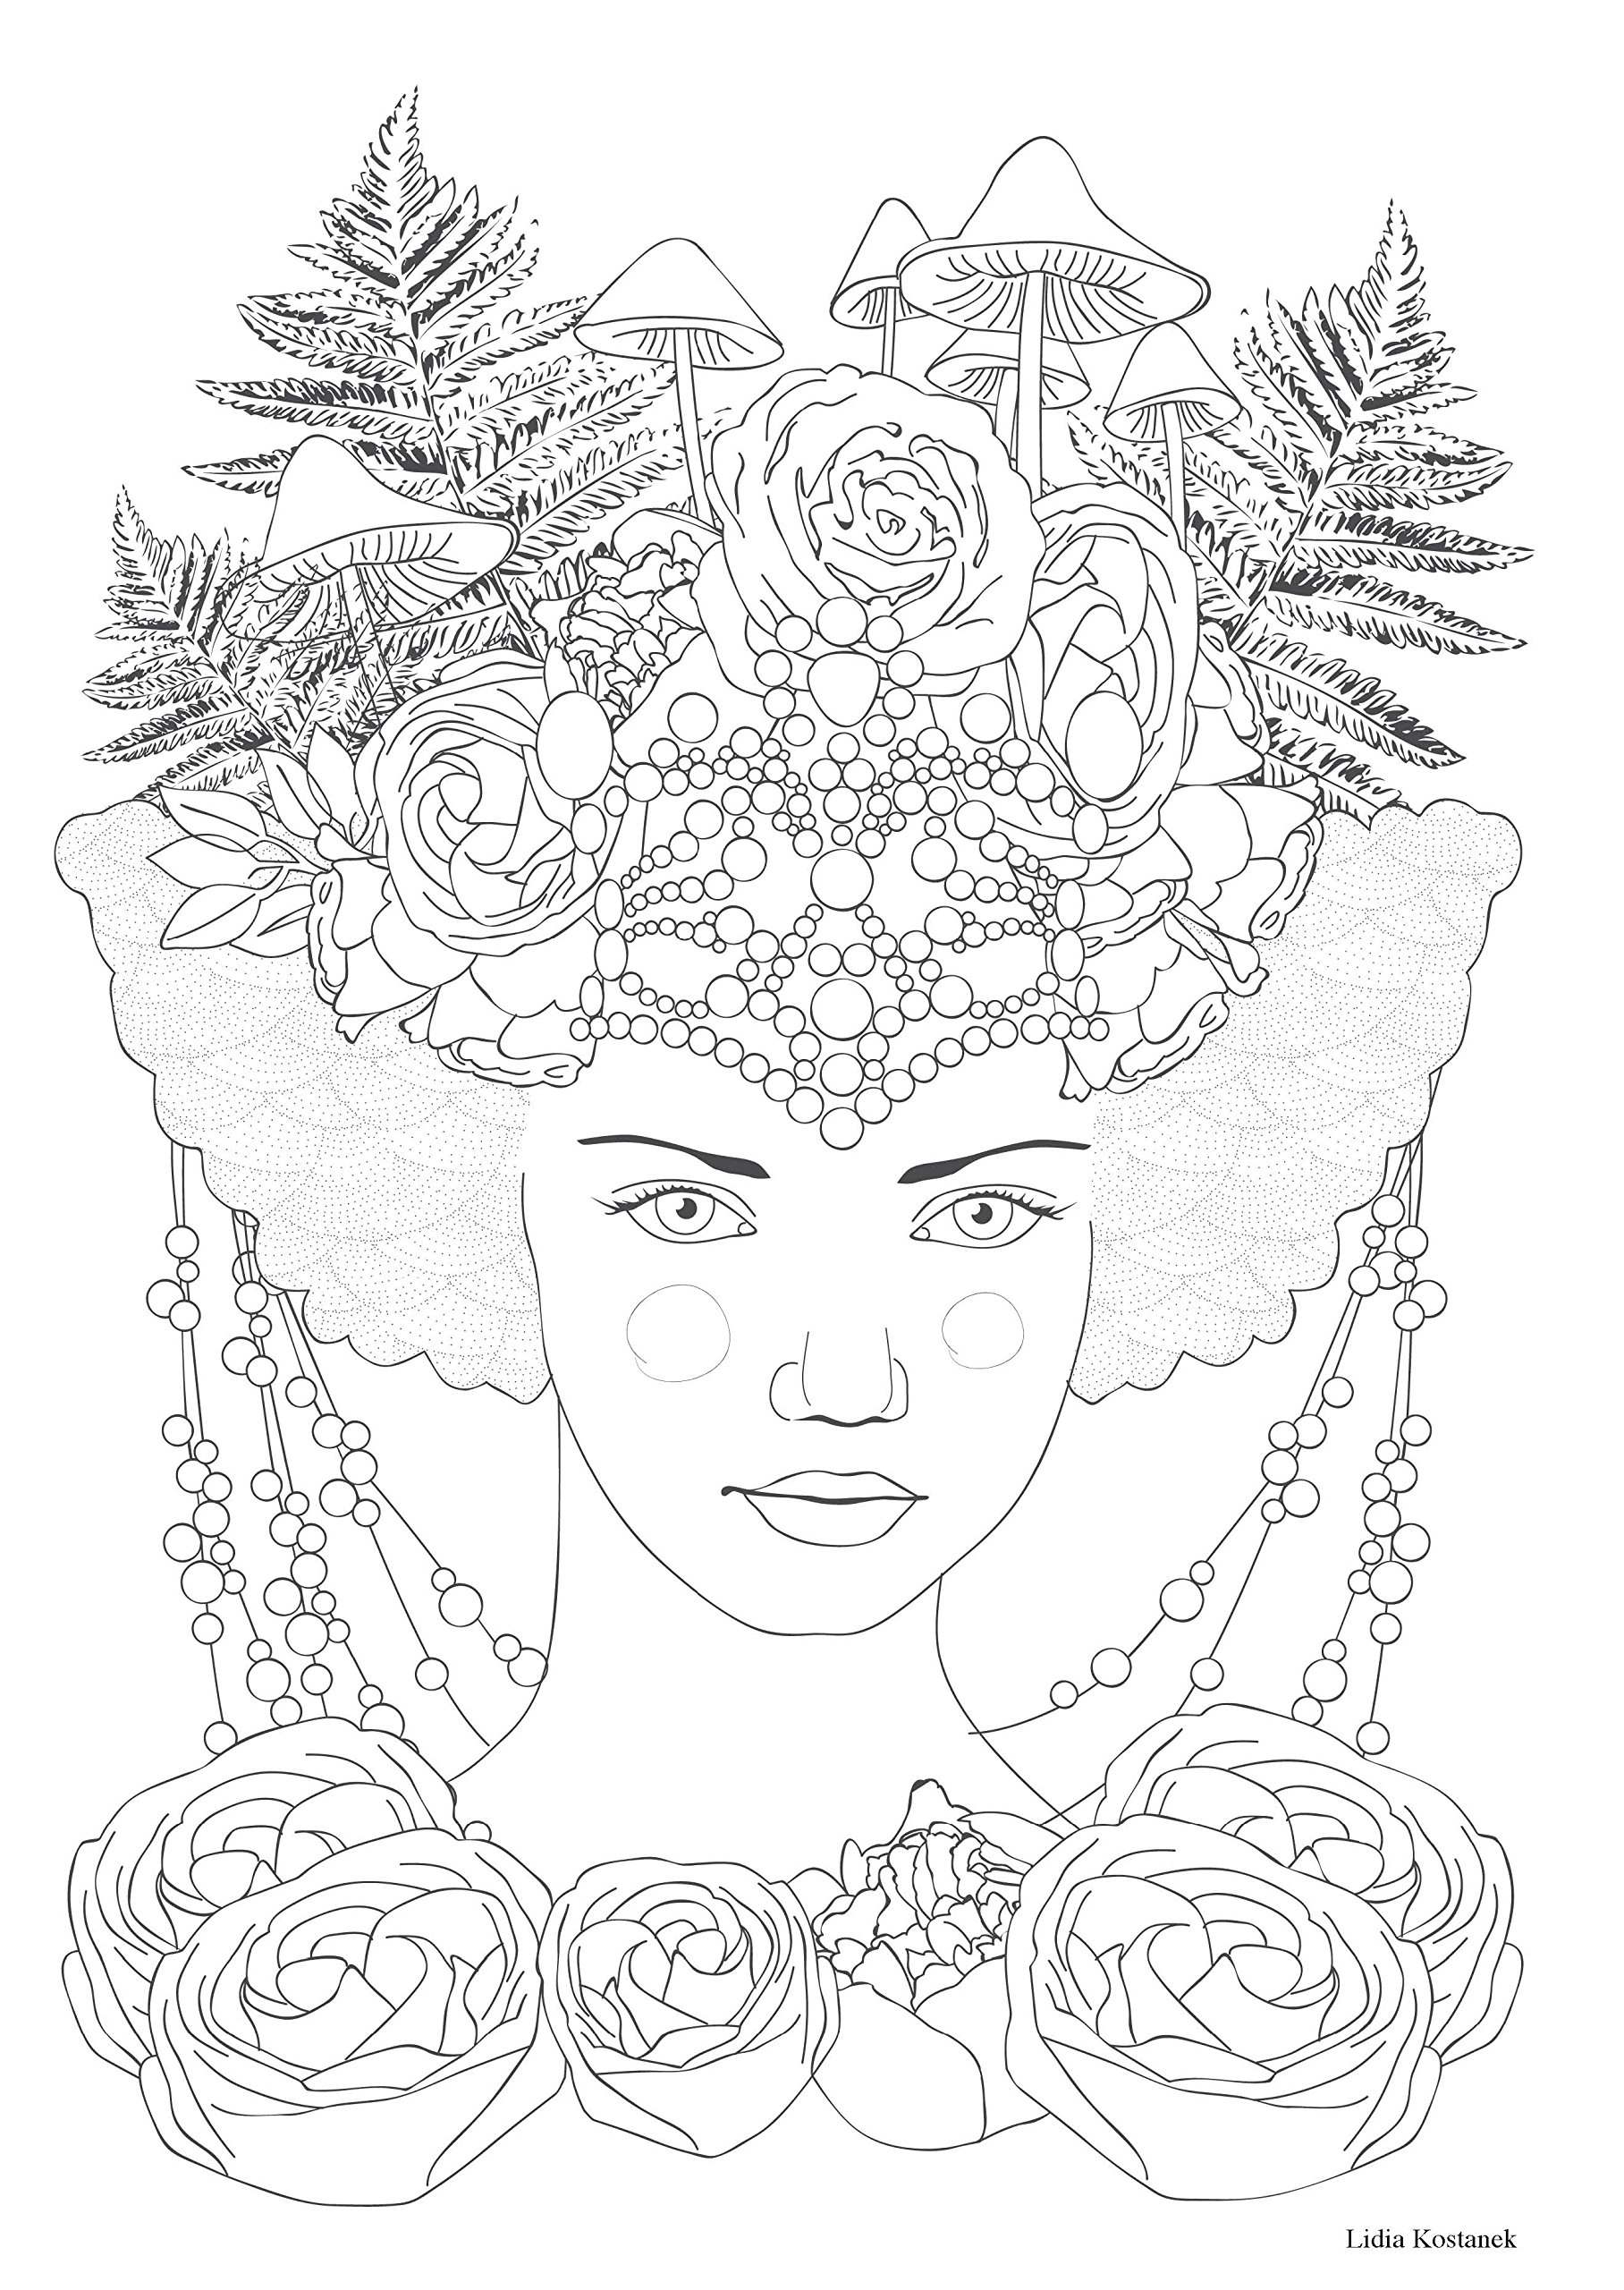 le livre des merveilles 300 coloriages anti stress amazonfr collectif livres - Coloriage Anti Stress Hachette